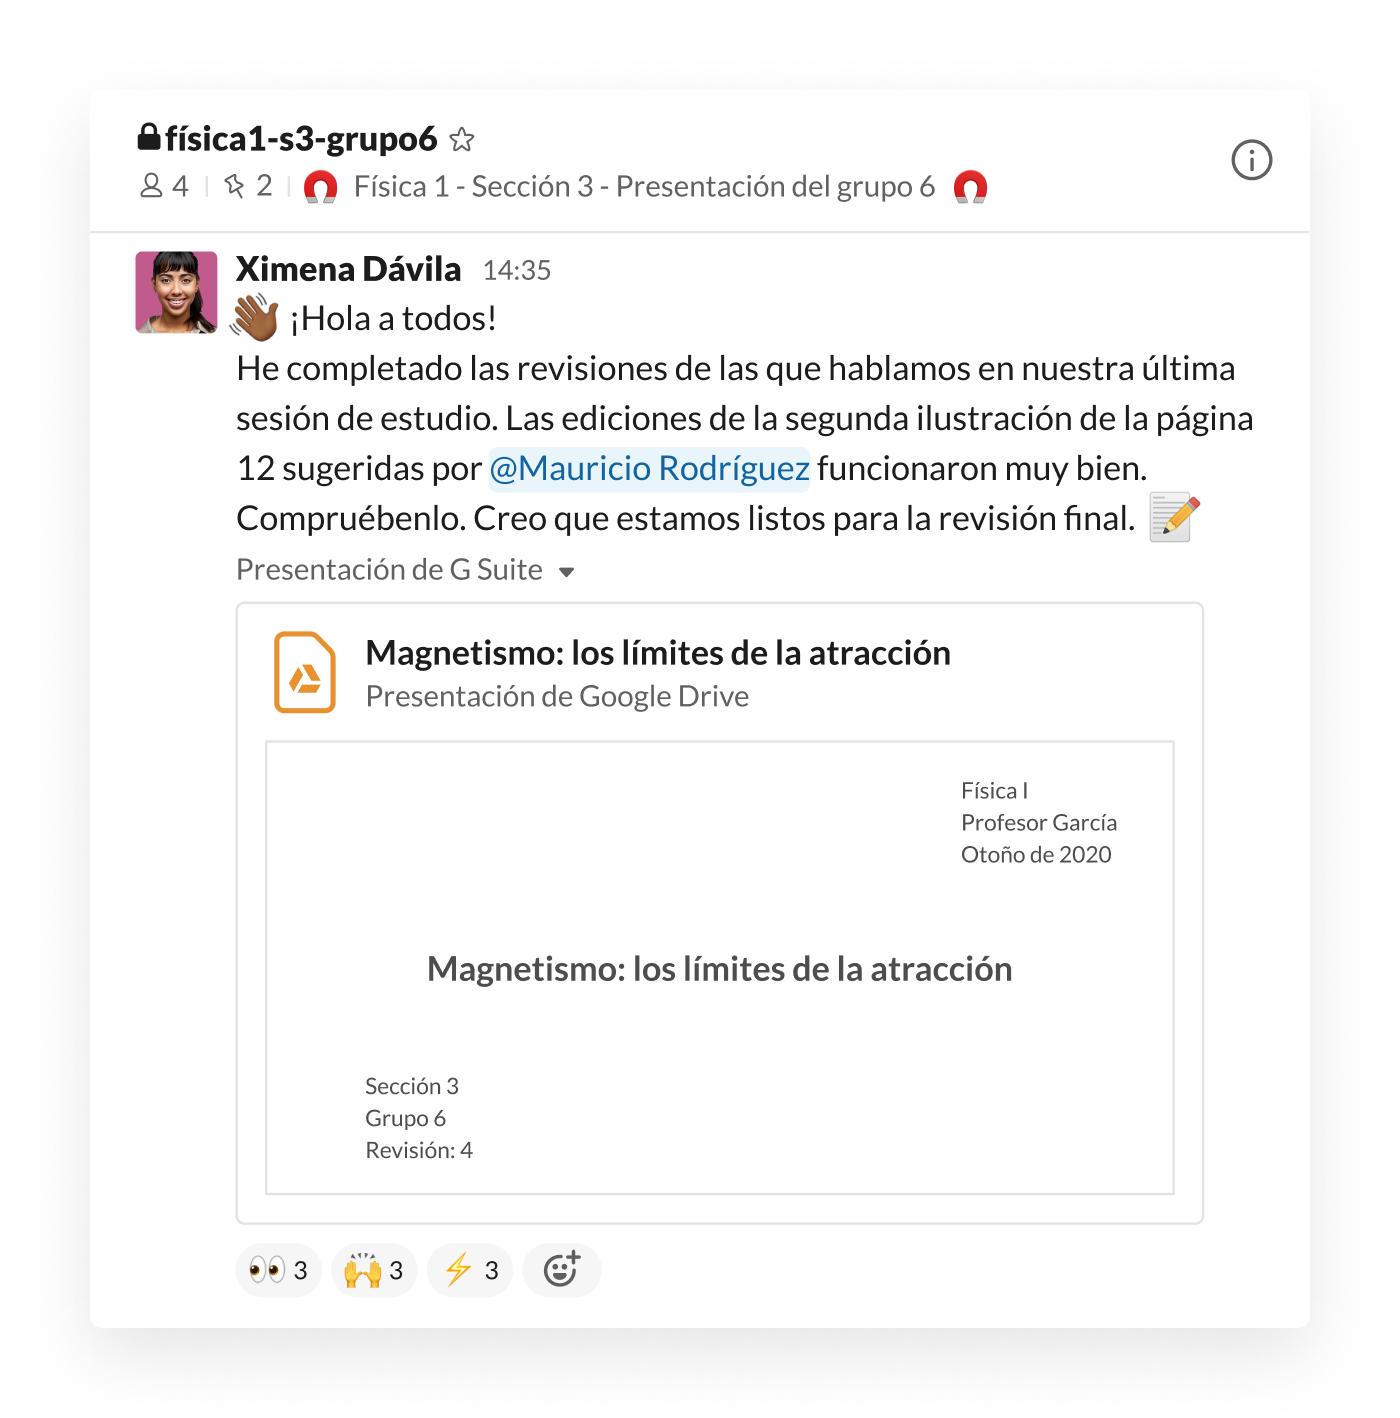 Presentación de un estudiante publicada en un canal de Slack